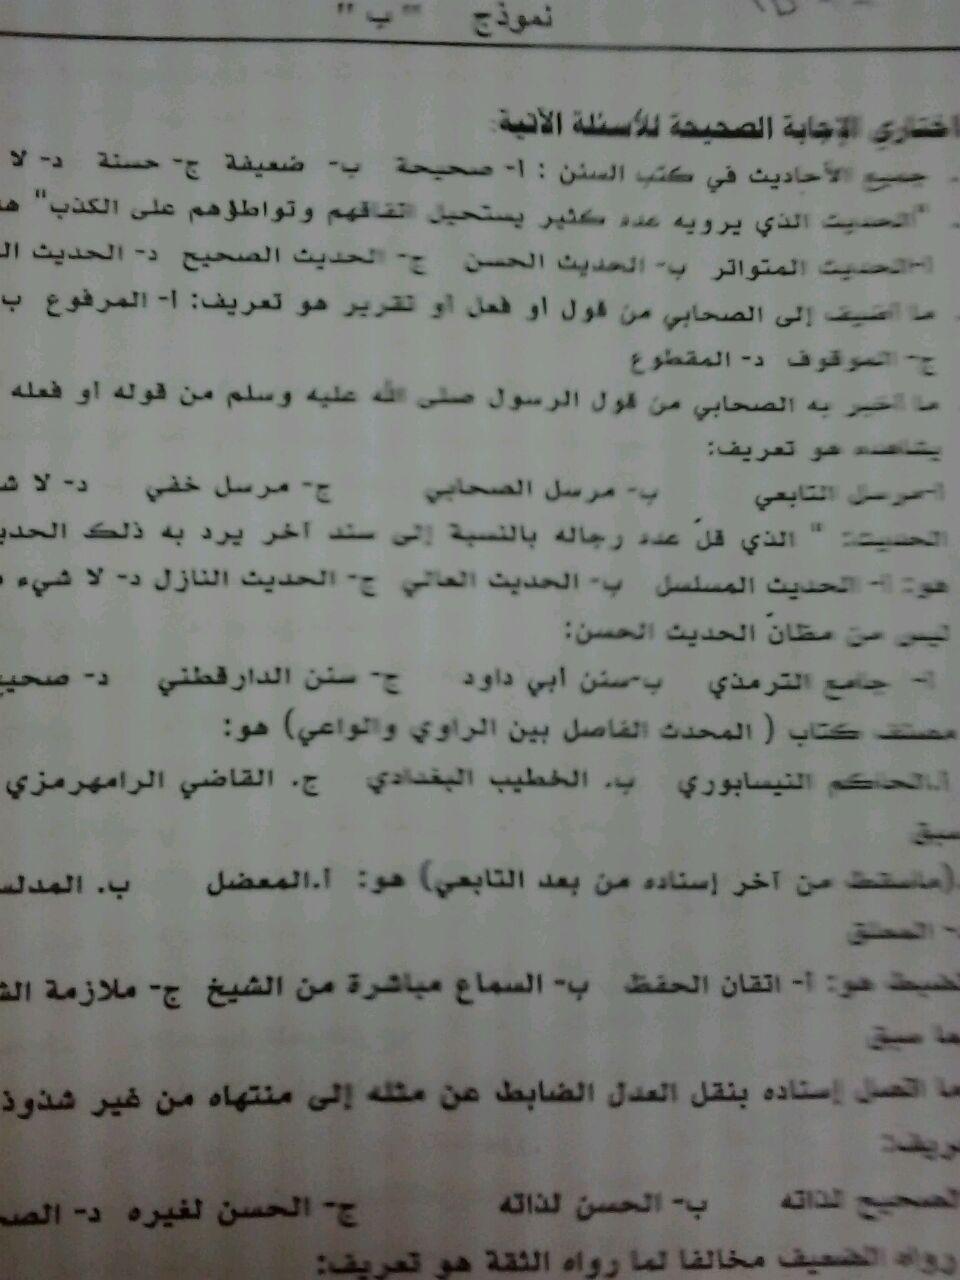 اسئلة اختبار علوم الحديث (1) الفصل الثاني 1436هـ نموذج (ب) IMG_3479.jpg